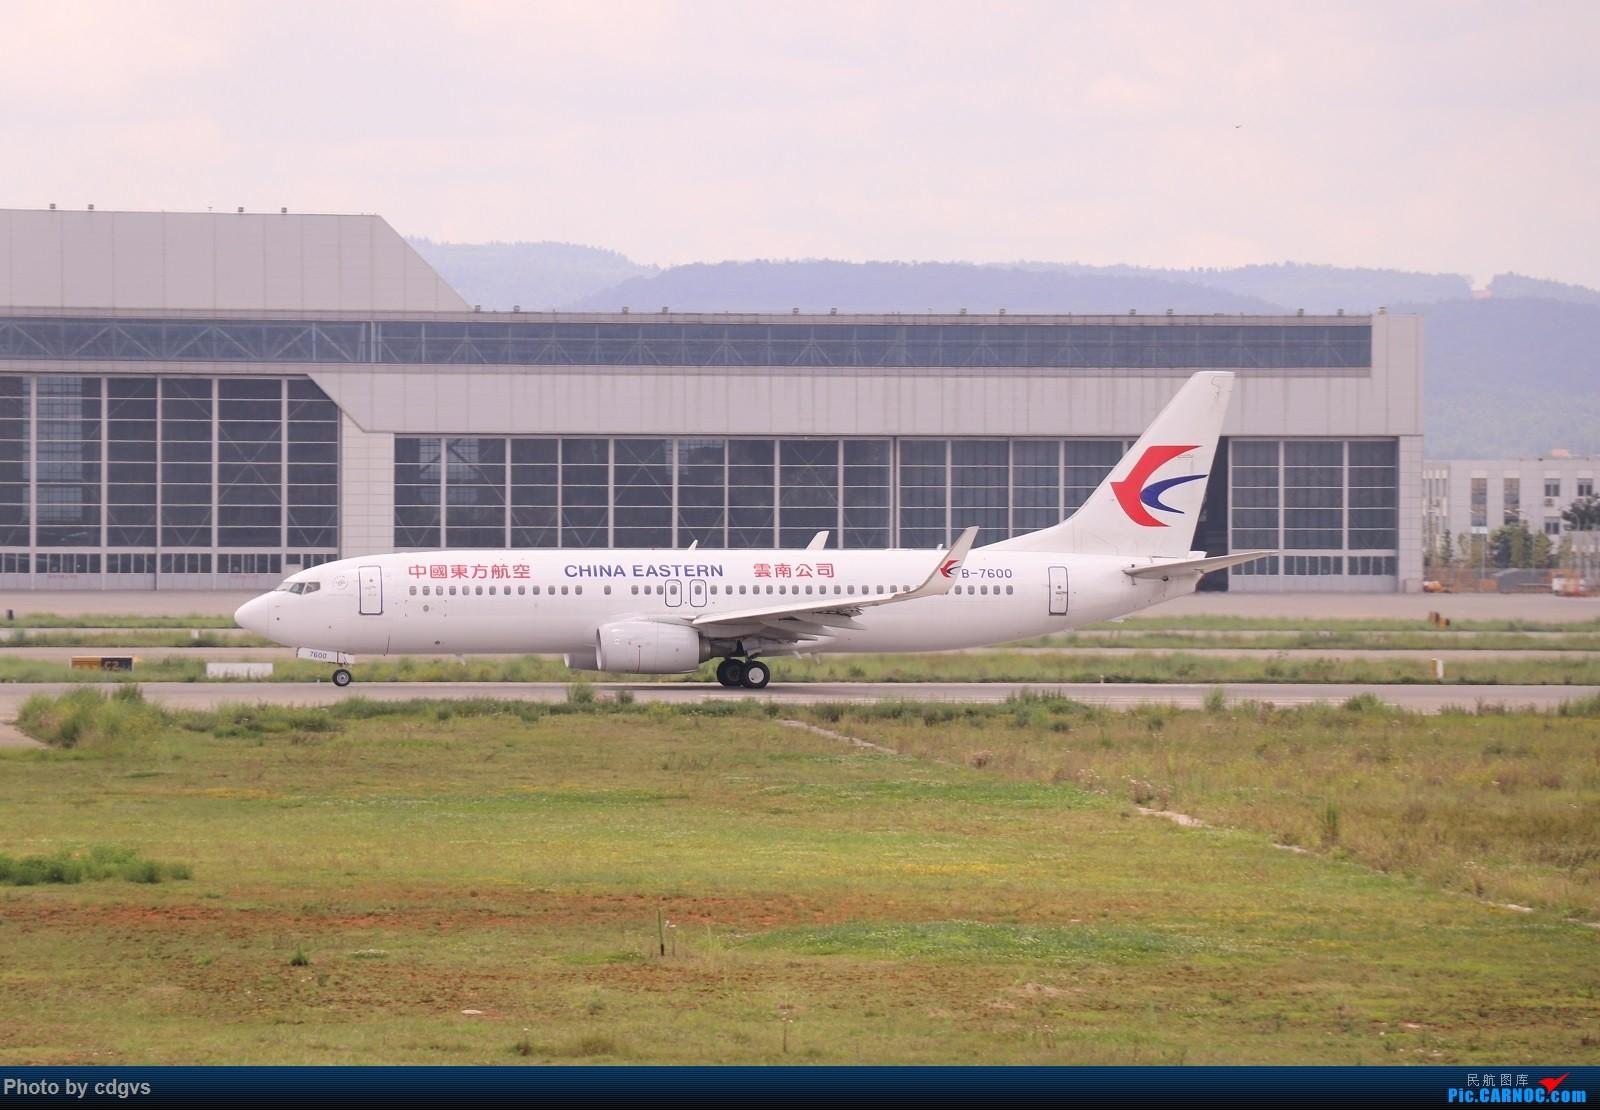 Re:[原创]【KMG】昆明的一天 1600大图 一次看个爽 BOEING 737-800 B-7600 中国昆明长水国际机场